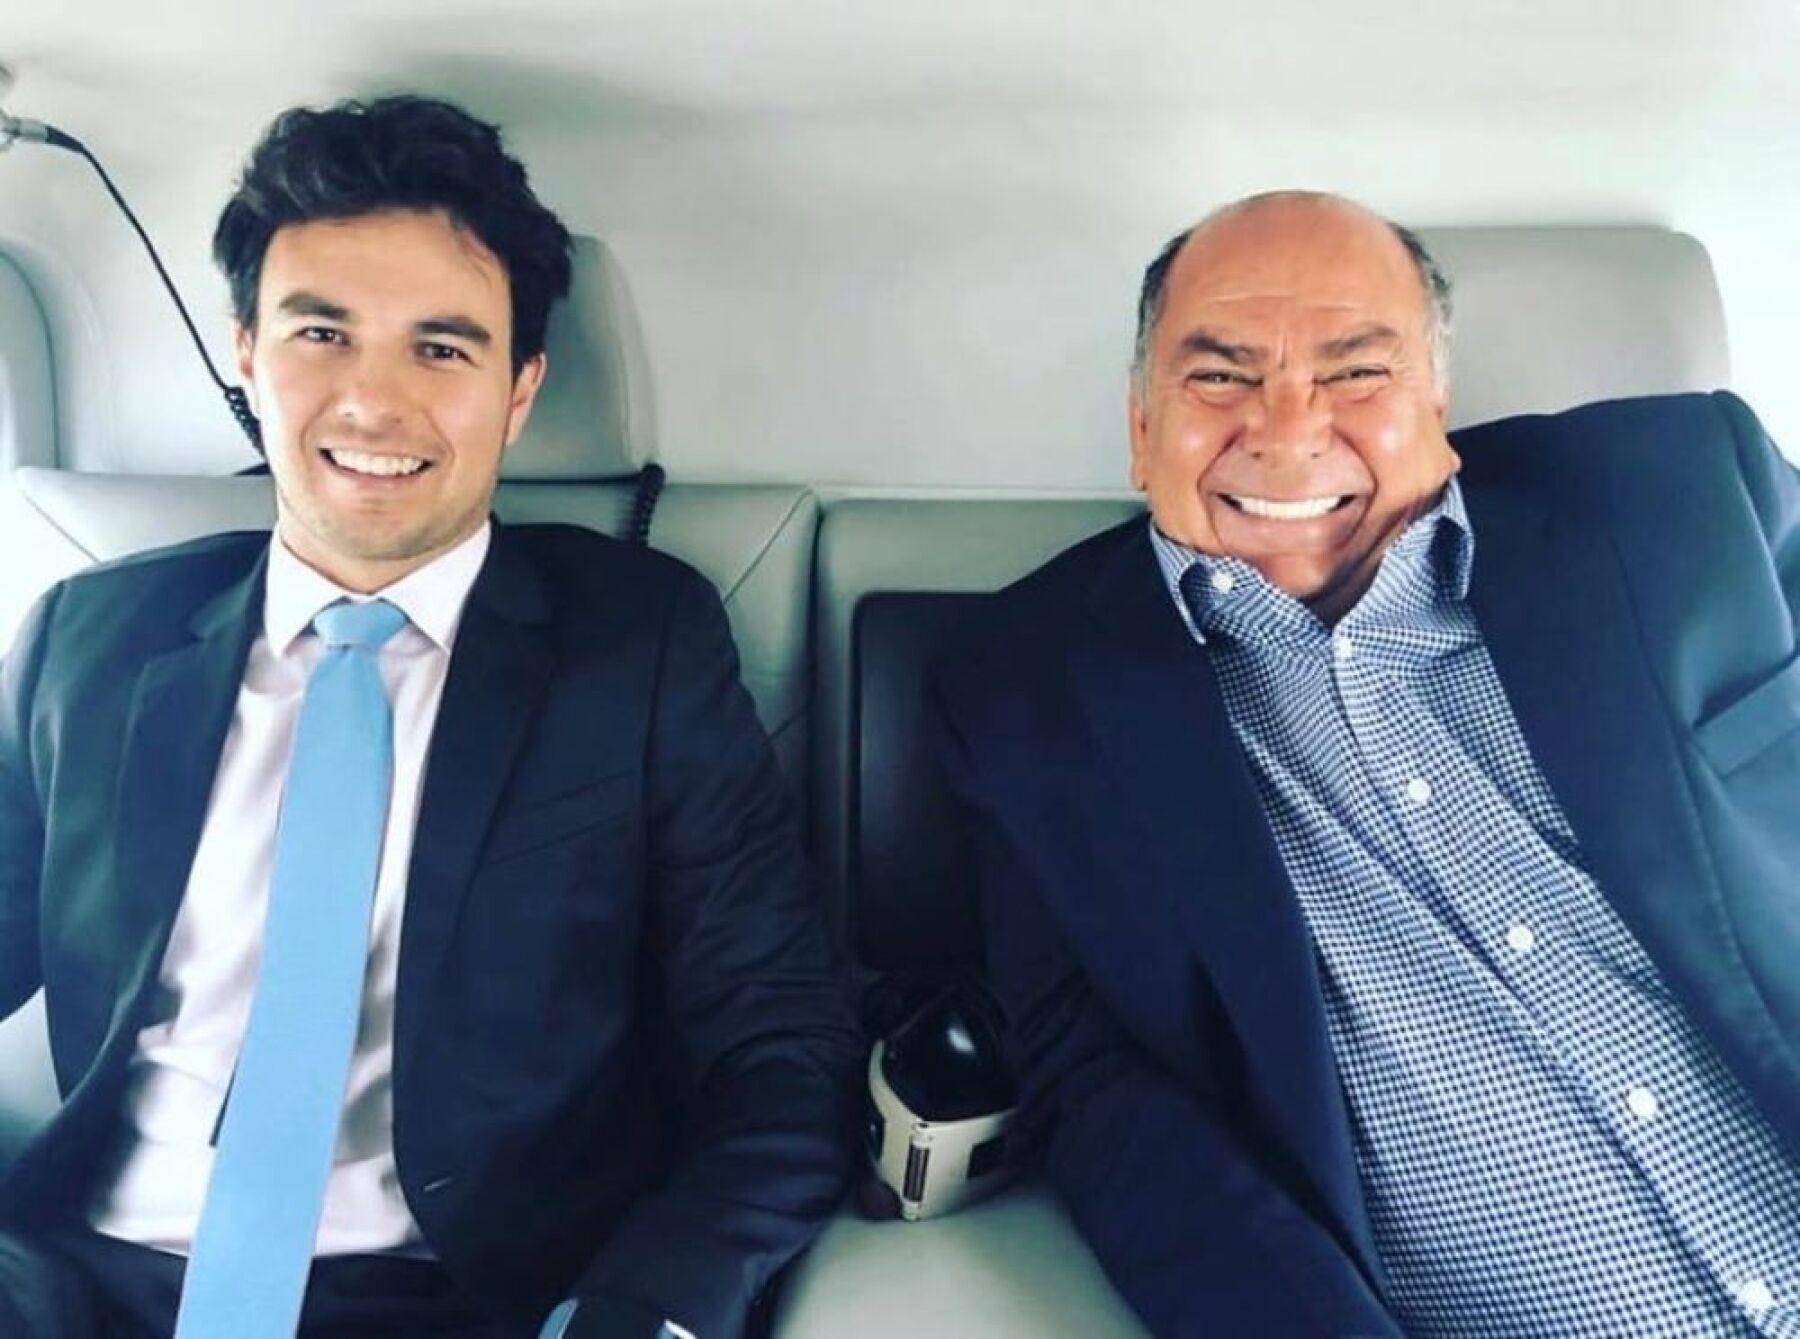 Antonio Pérez Garibay, papá de Checo Pérez, del automovilismo a la política